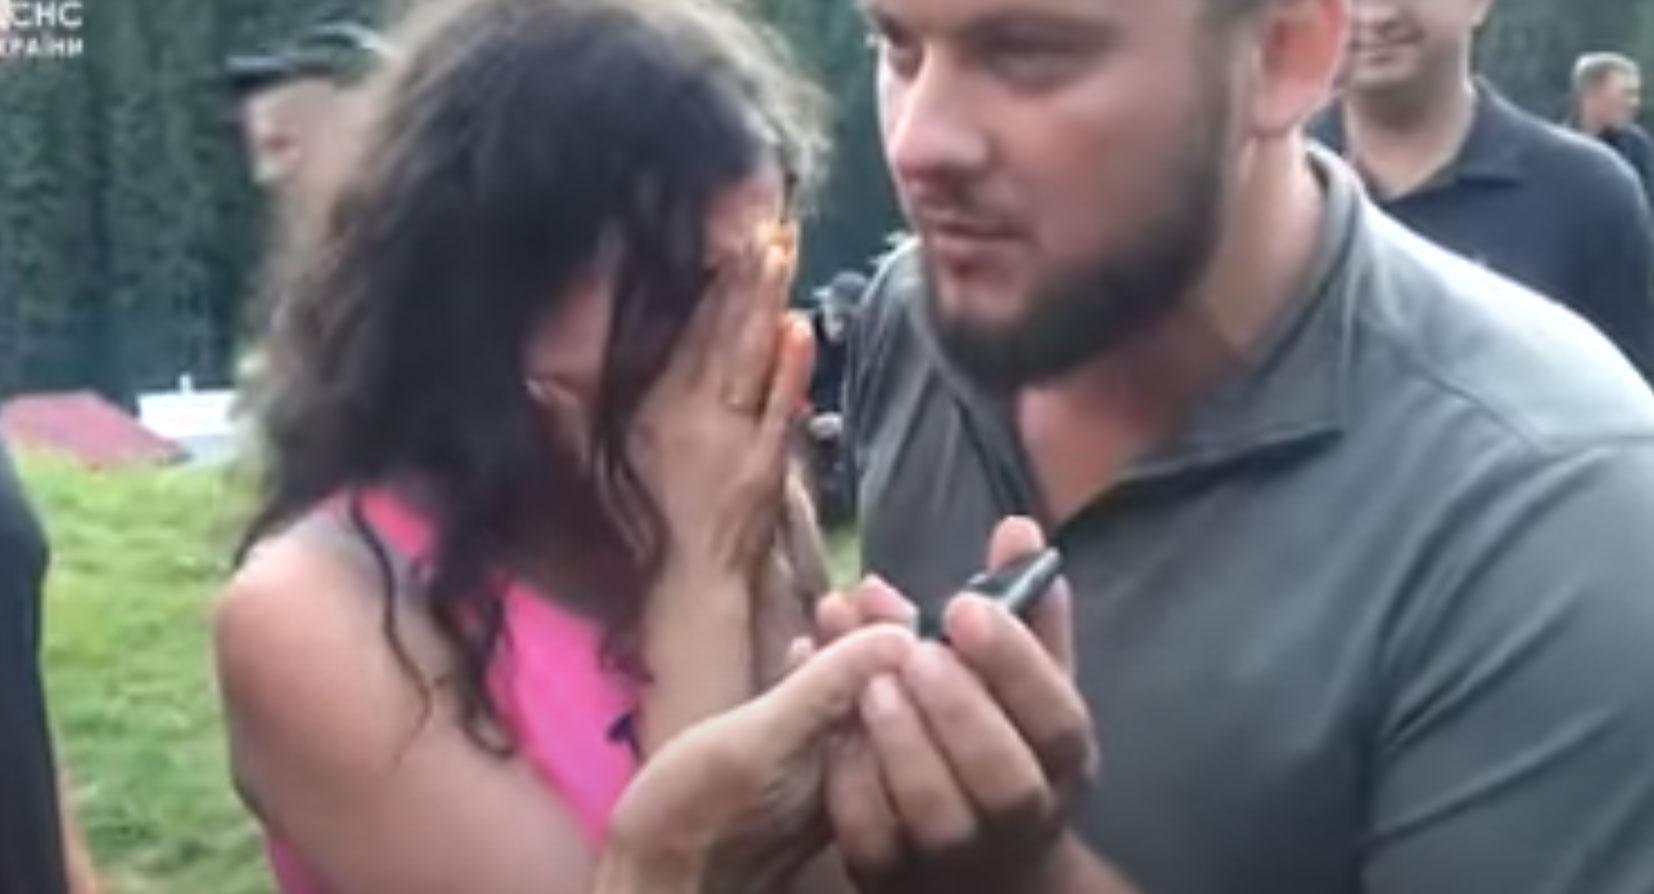 Родители рыдают. Видео. Только что на Говерле спасатели нашли ребенка, который заблудился